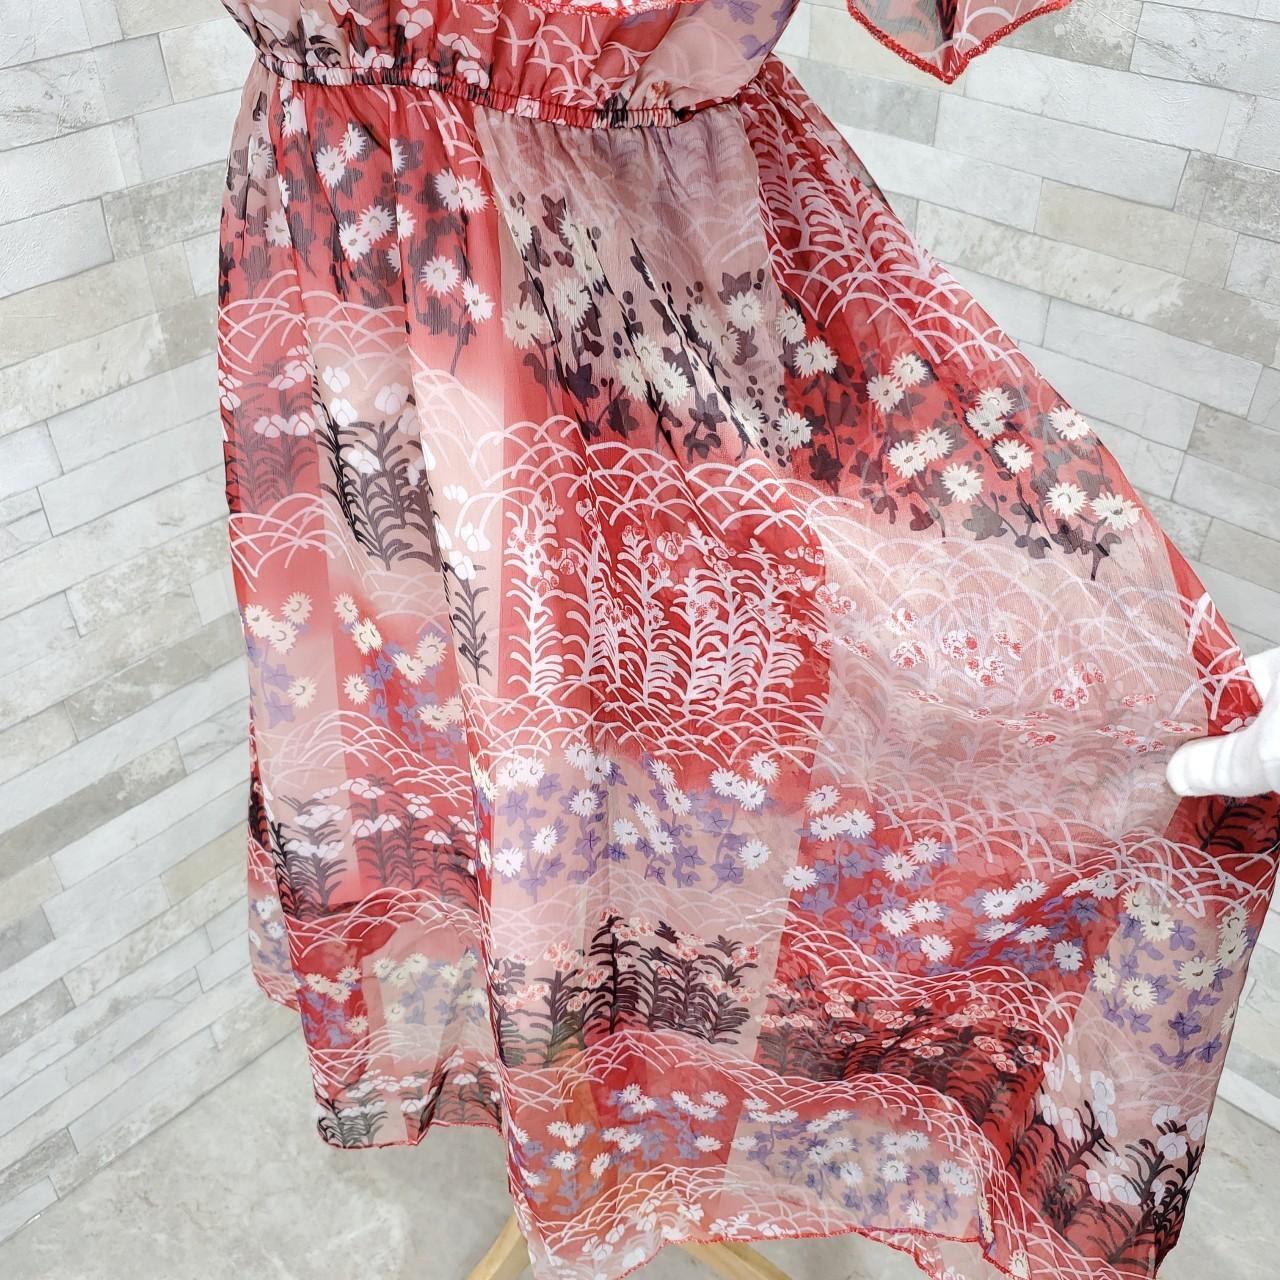 韓国 ファッション ワンピース 春 夏 カジュアル PTXH964  シアー オフショルダー風 フレアトップ 肩見せ オルチャン シンプル 定番 セレカジの写真10枚目